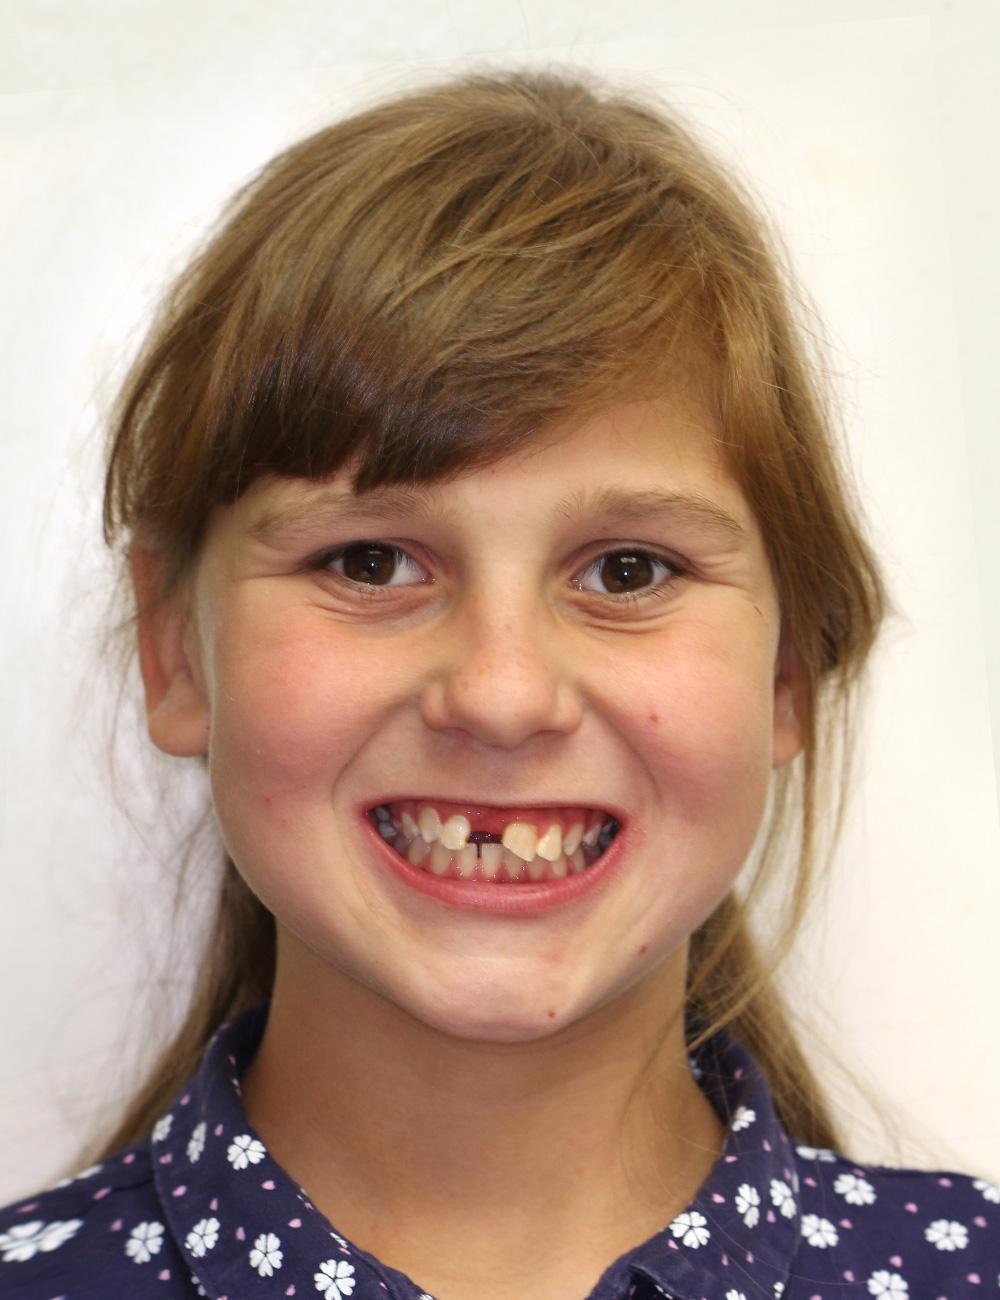 до ортодонтического лечения, стоматологическая клиника доктора Дахно